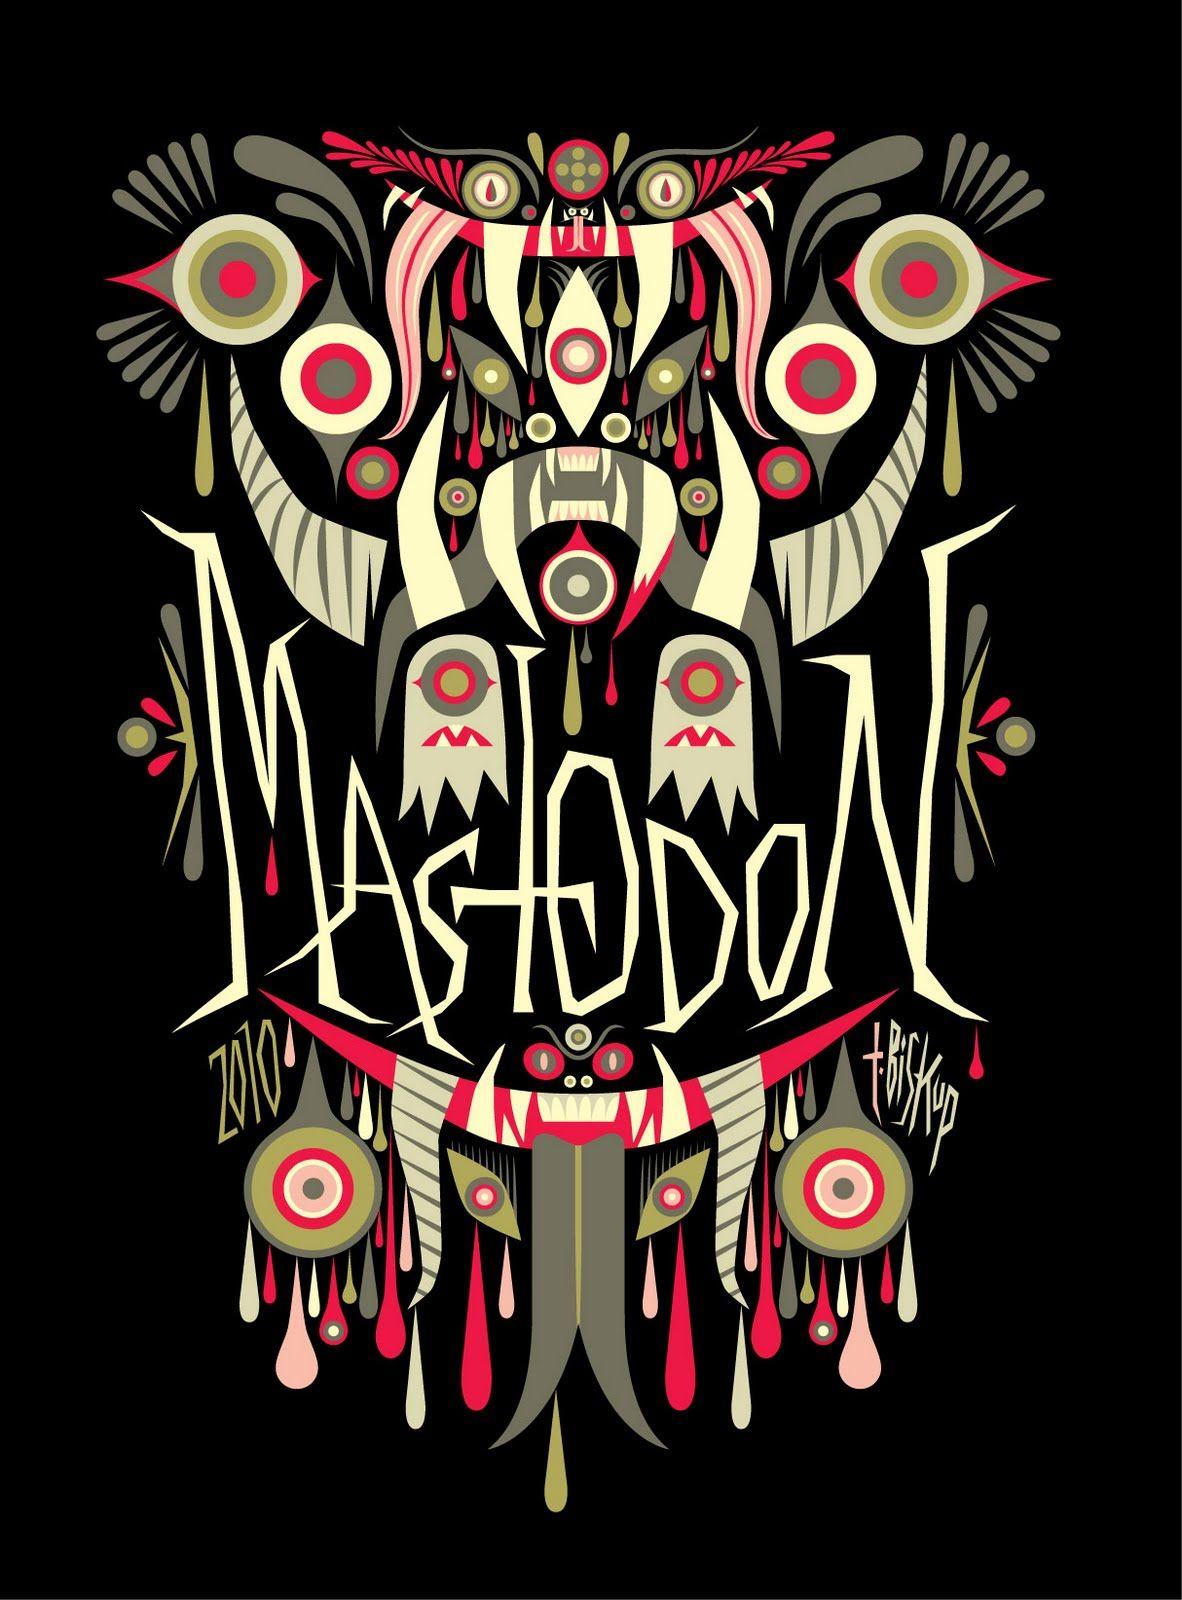 April Mastodon